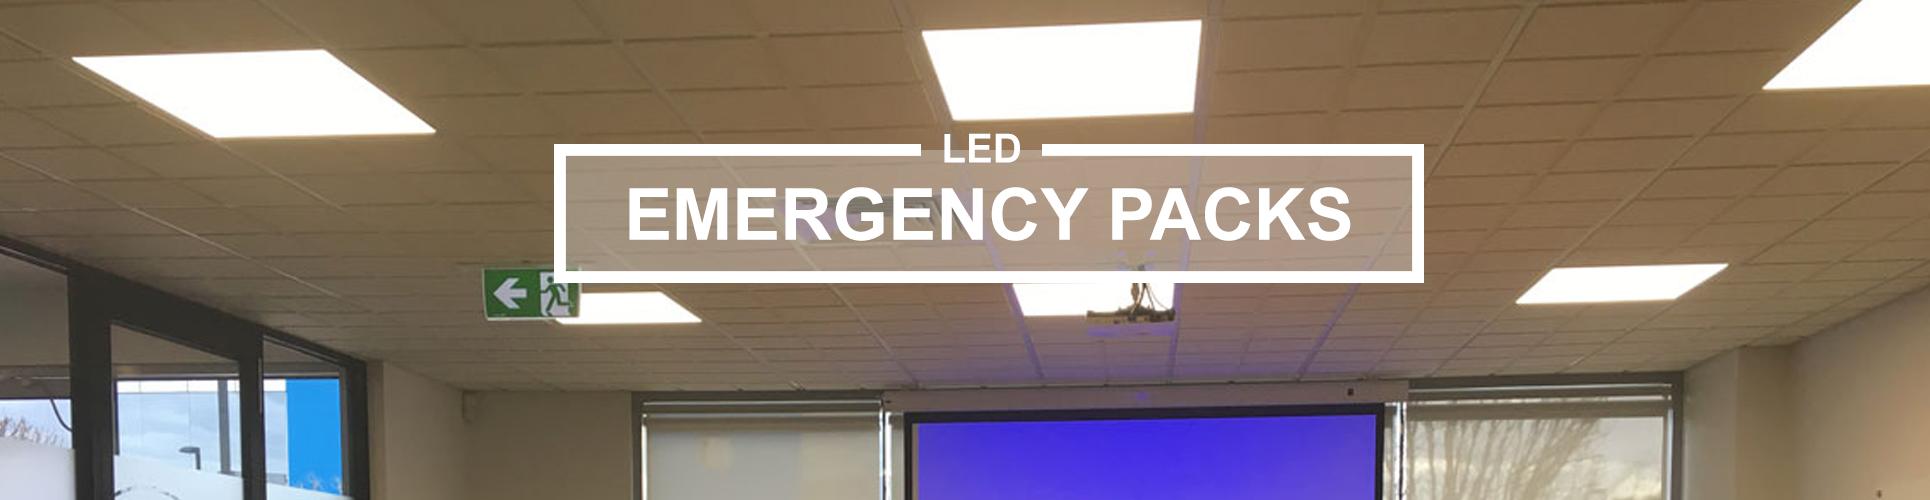 Emergency packs